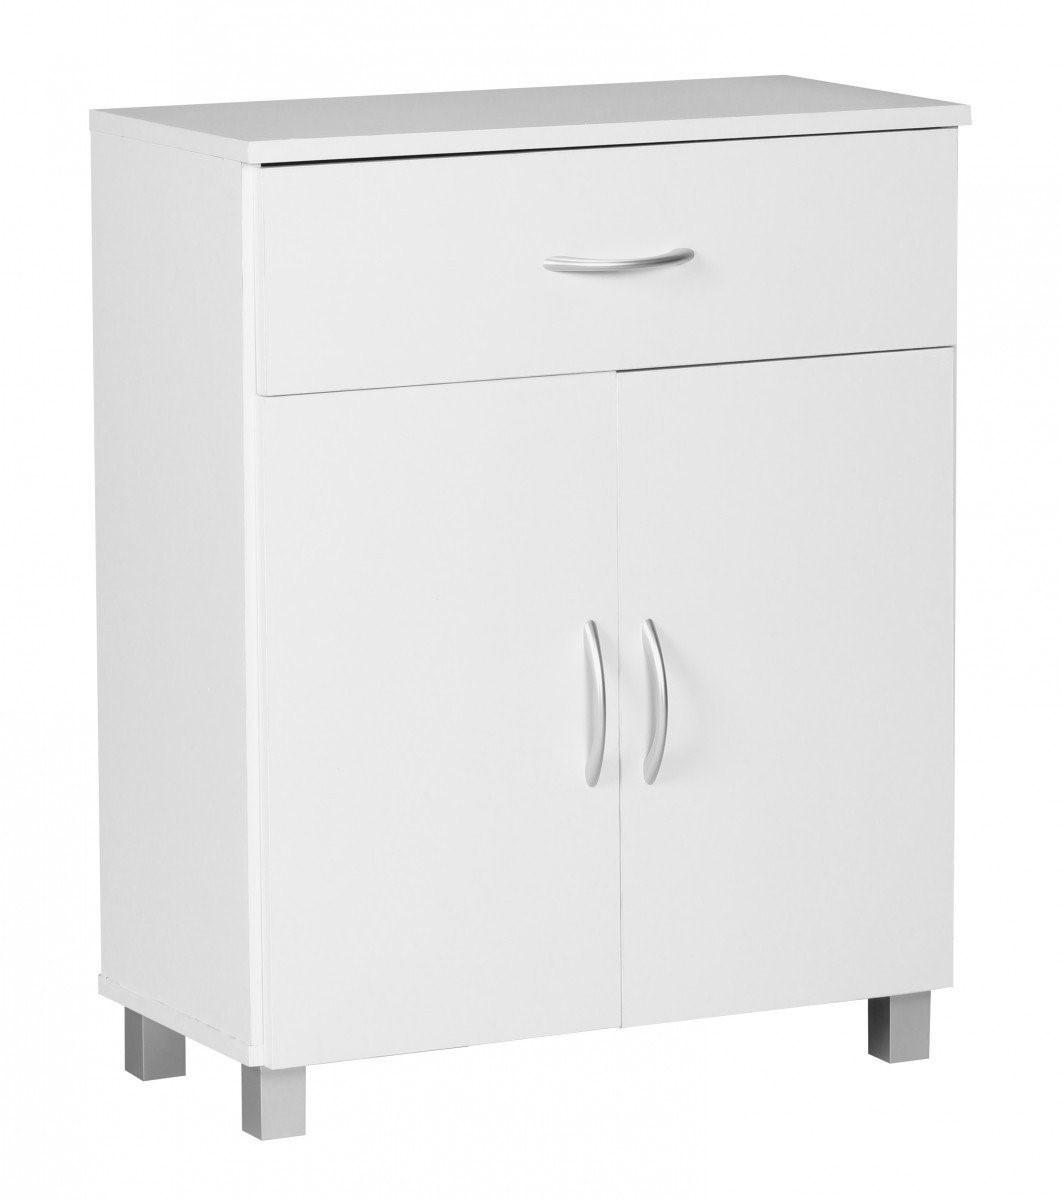 Schrank 30 Cm Breit  Bestechend Küchenschrank 30 Cm Tief Aufbau